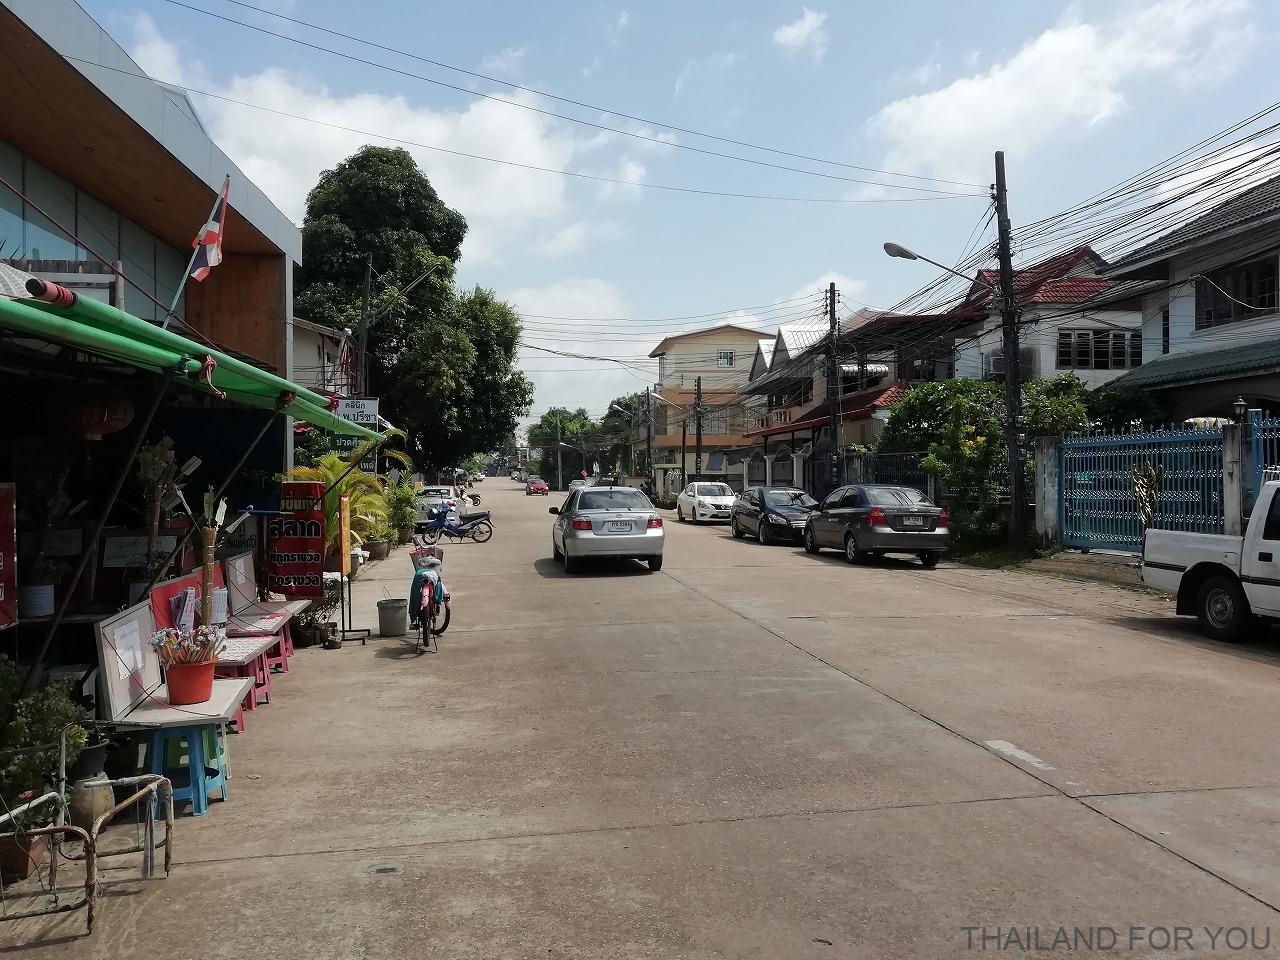 ナコンパノム タイ 街並み